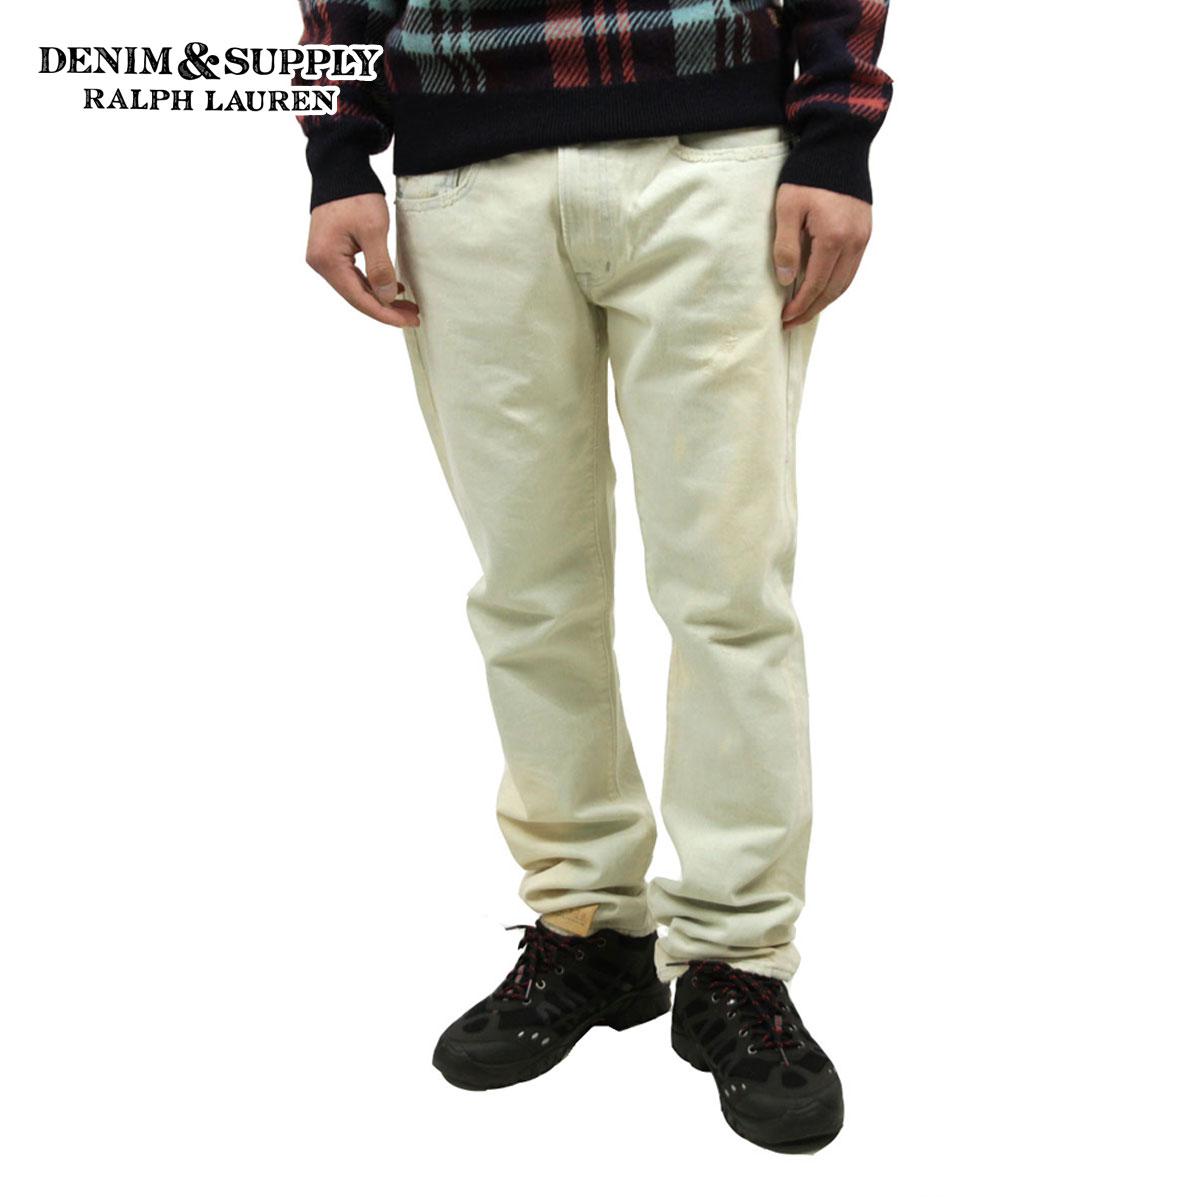 デニムアンドサプライ ポロ ラルフローレン ジーンズ メンズ 正規品 DENIM&SUPPLY RALPH LAUREN ジーパン Slim-Fit Colfax Jean